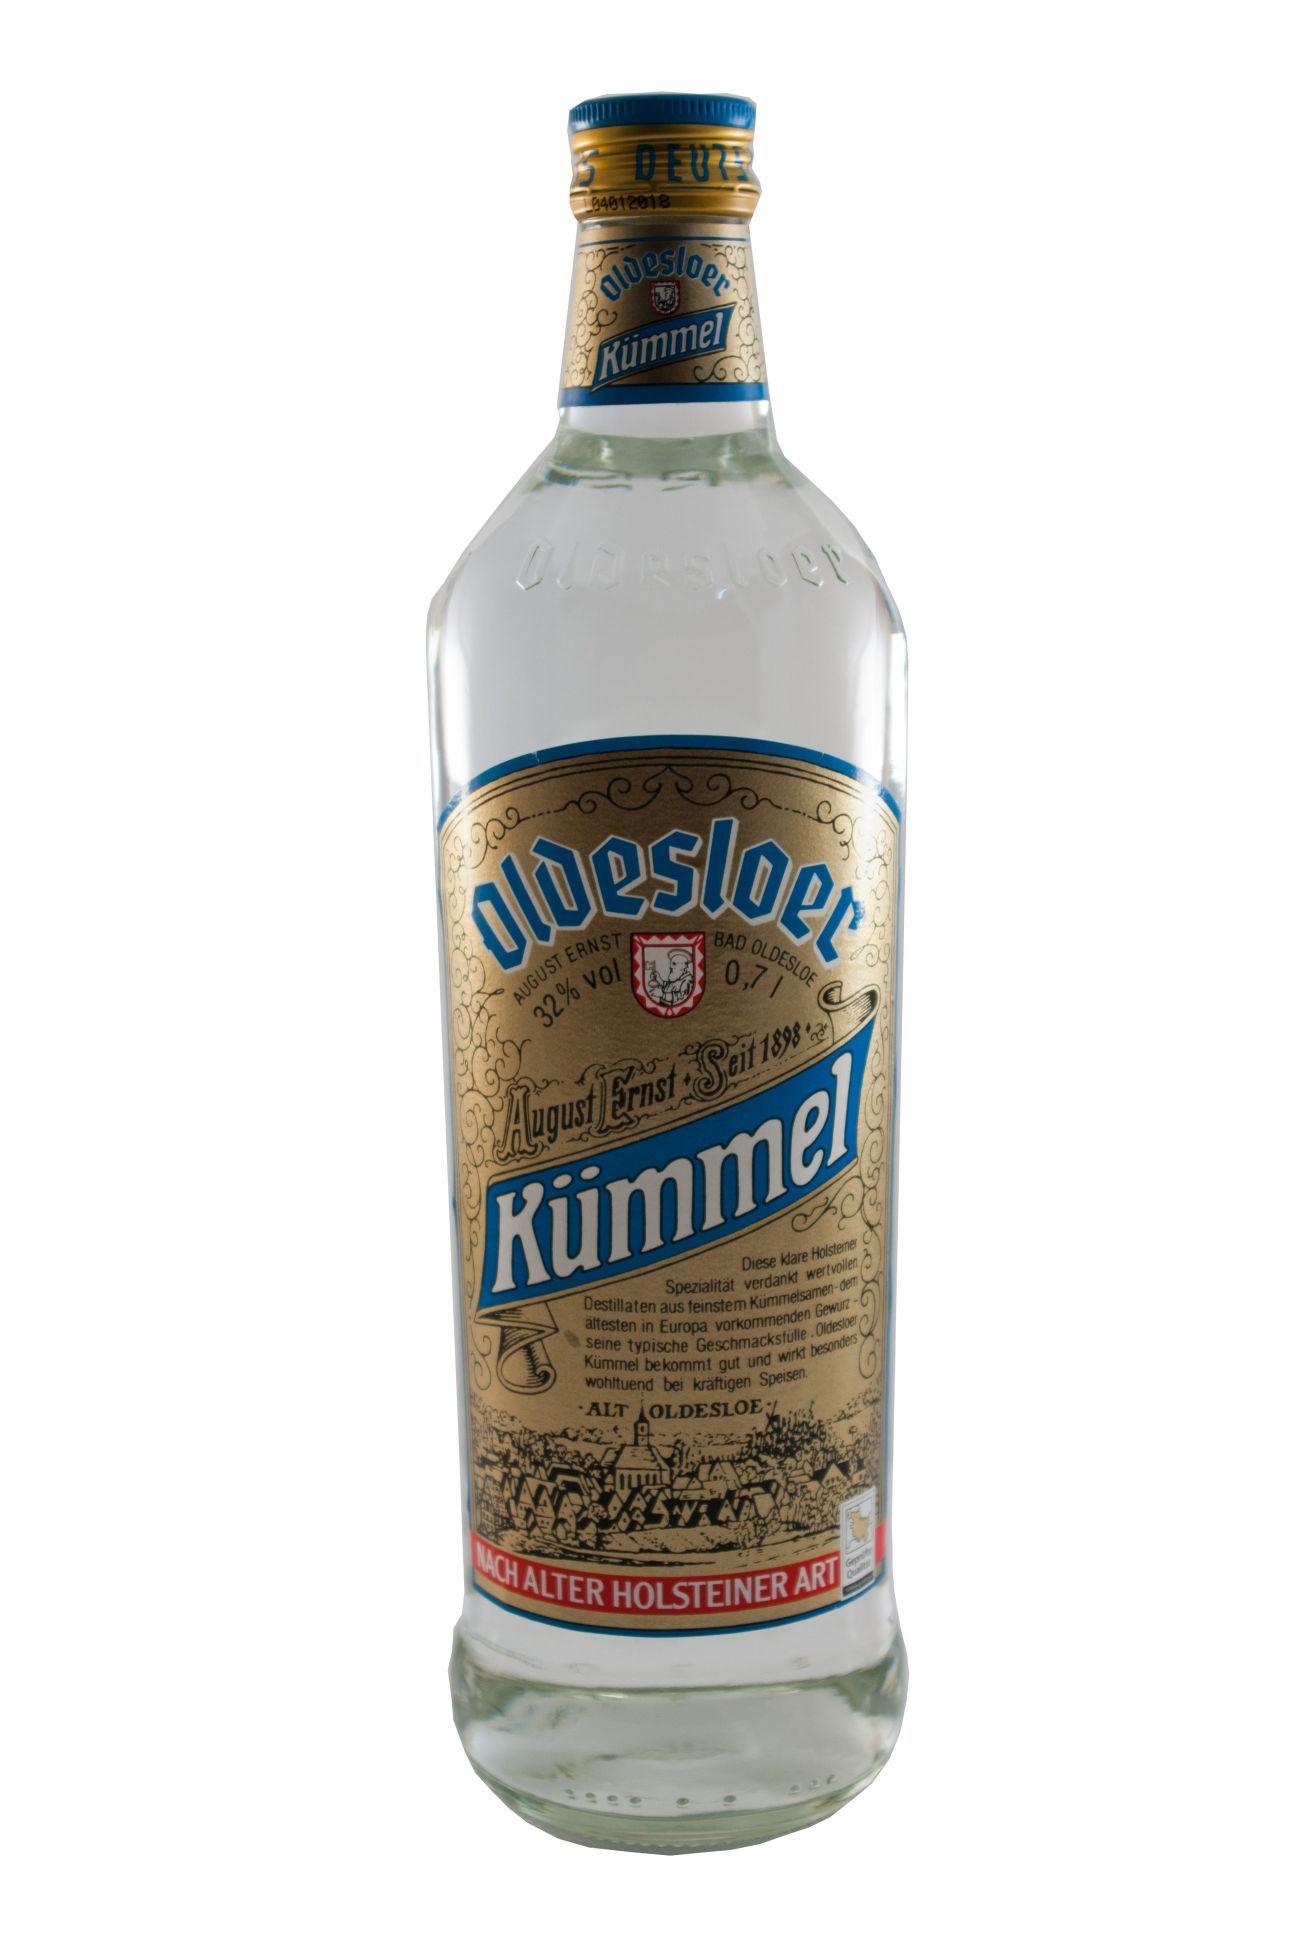 Oldesloer Kümmel Schnaps / 32% vol (0,7L)